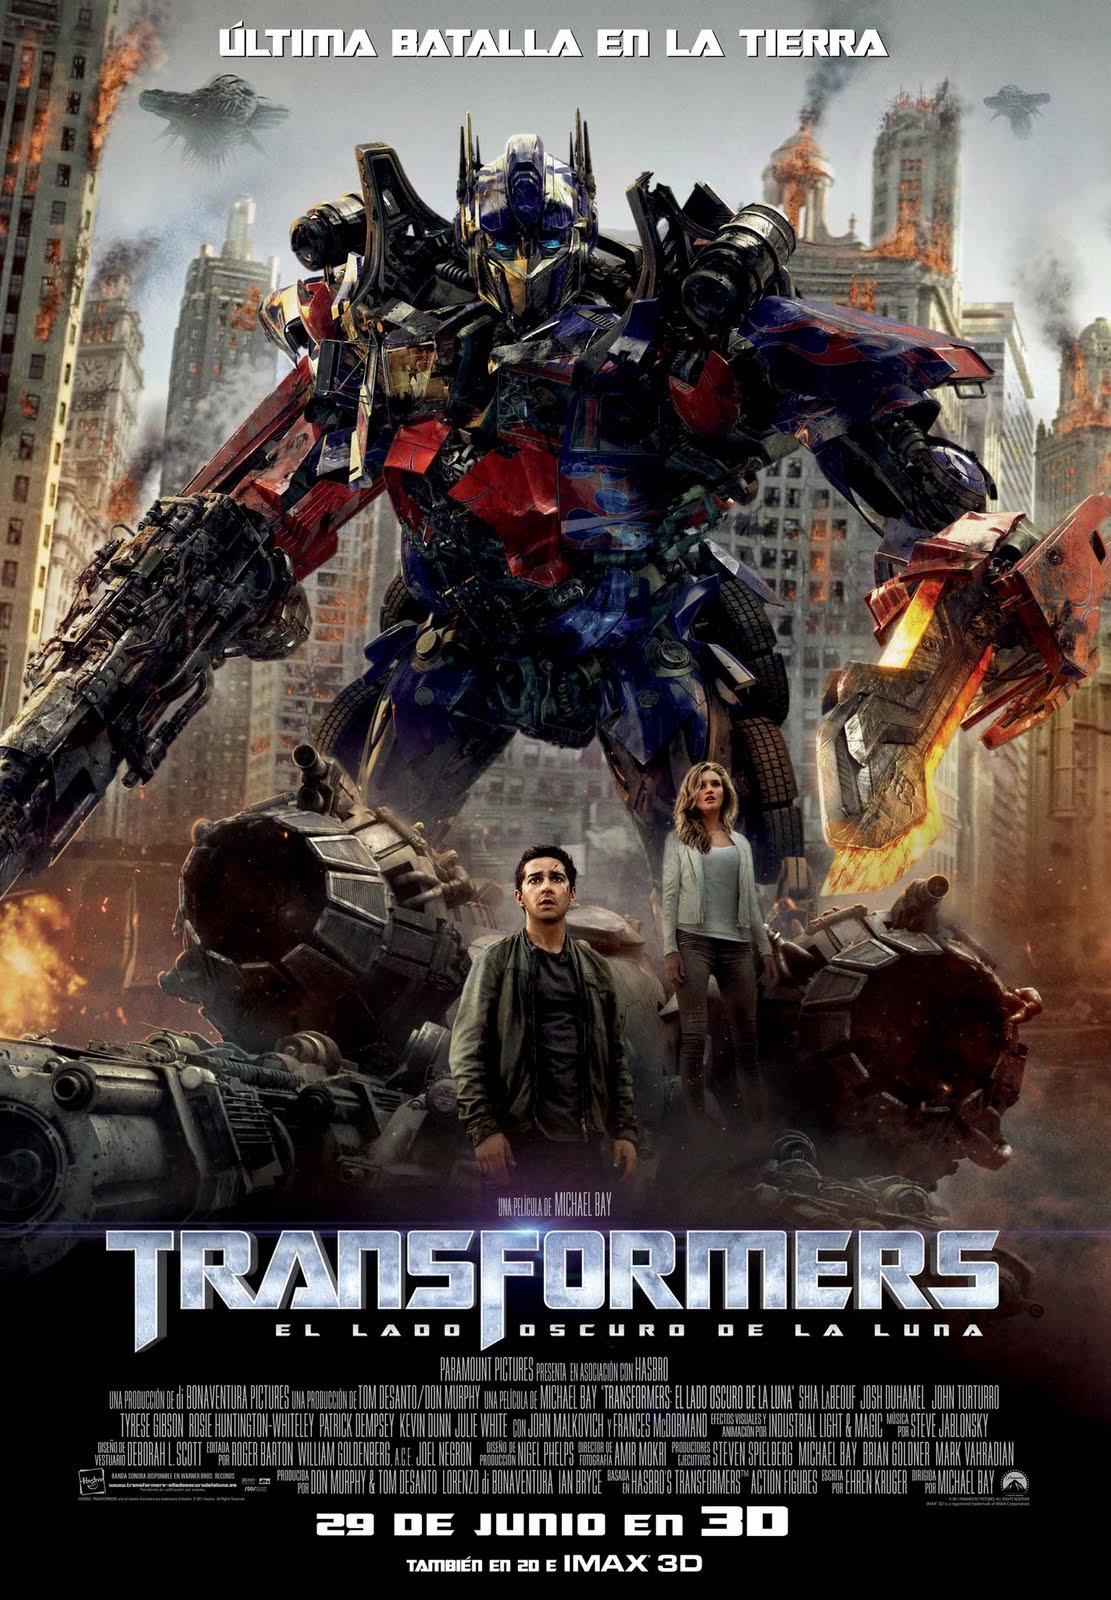 http://4.bp.blogspot.com/-QZyzzoB13RU/TiJgvHKmMTI/AAAAAAAAAJ8/gBXMCEG9gPQ/s1600/Transformers3_poster_es.jpg